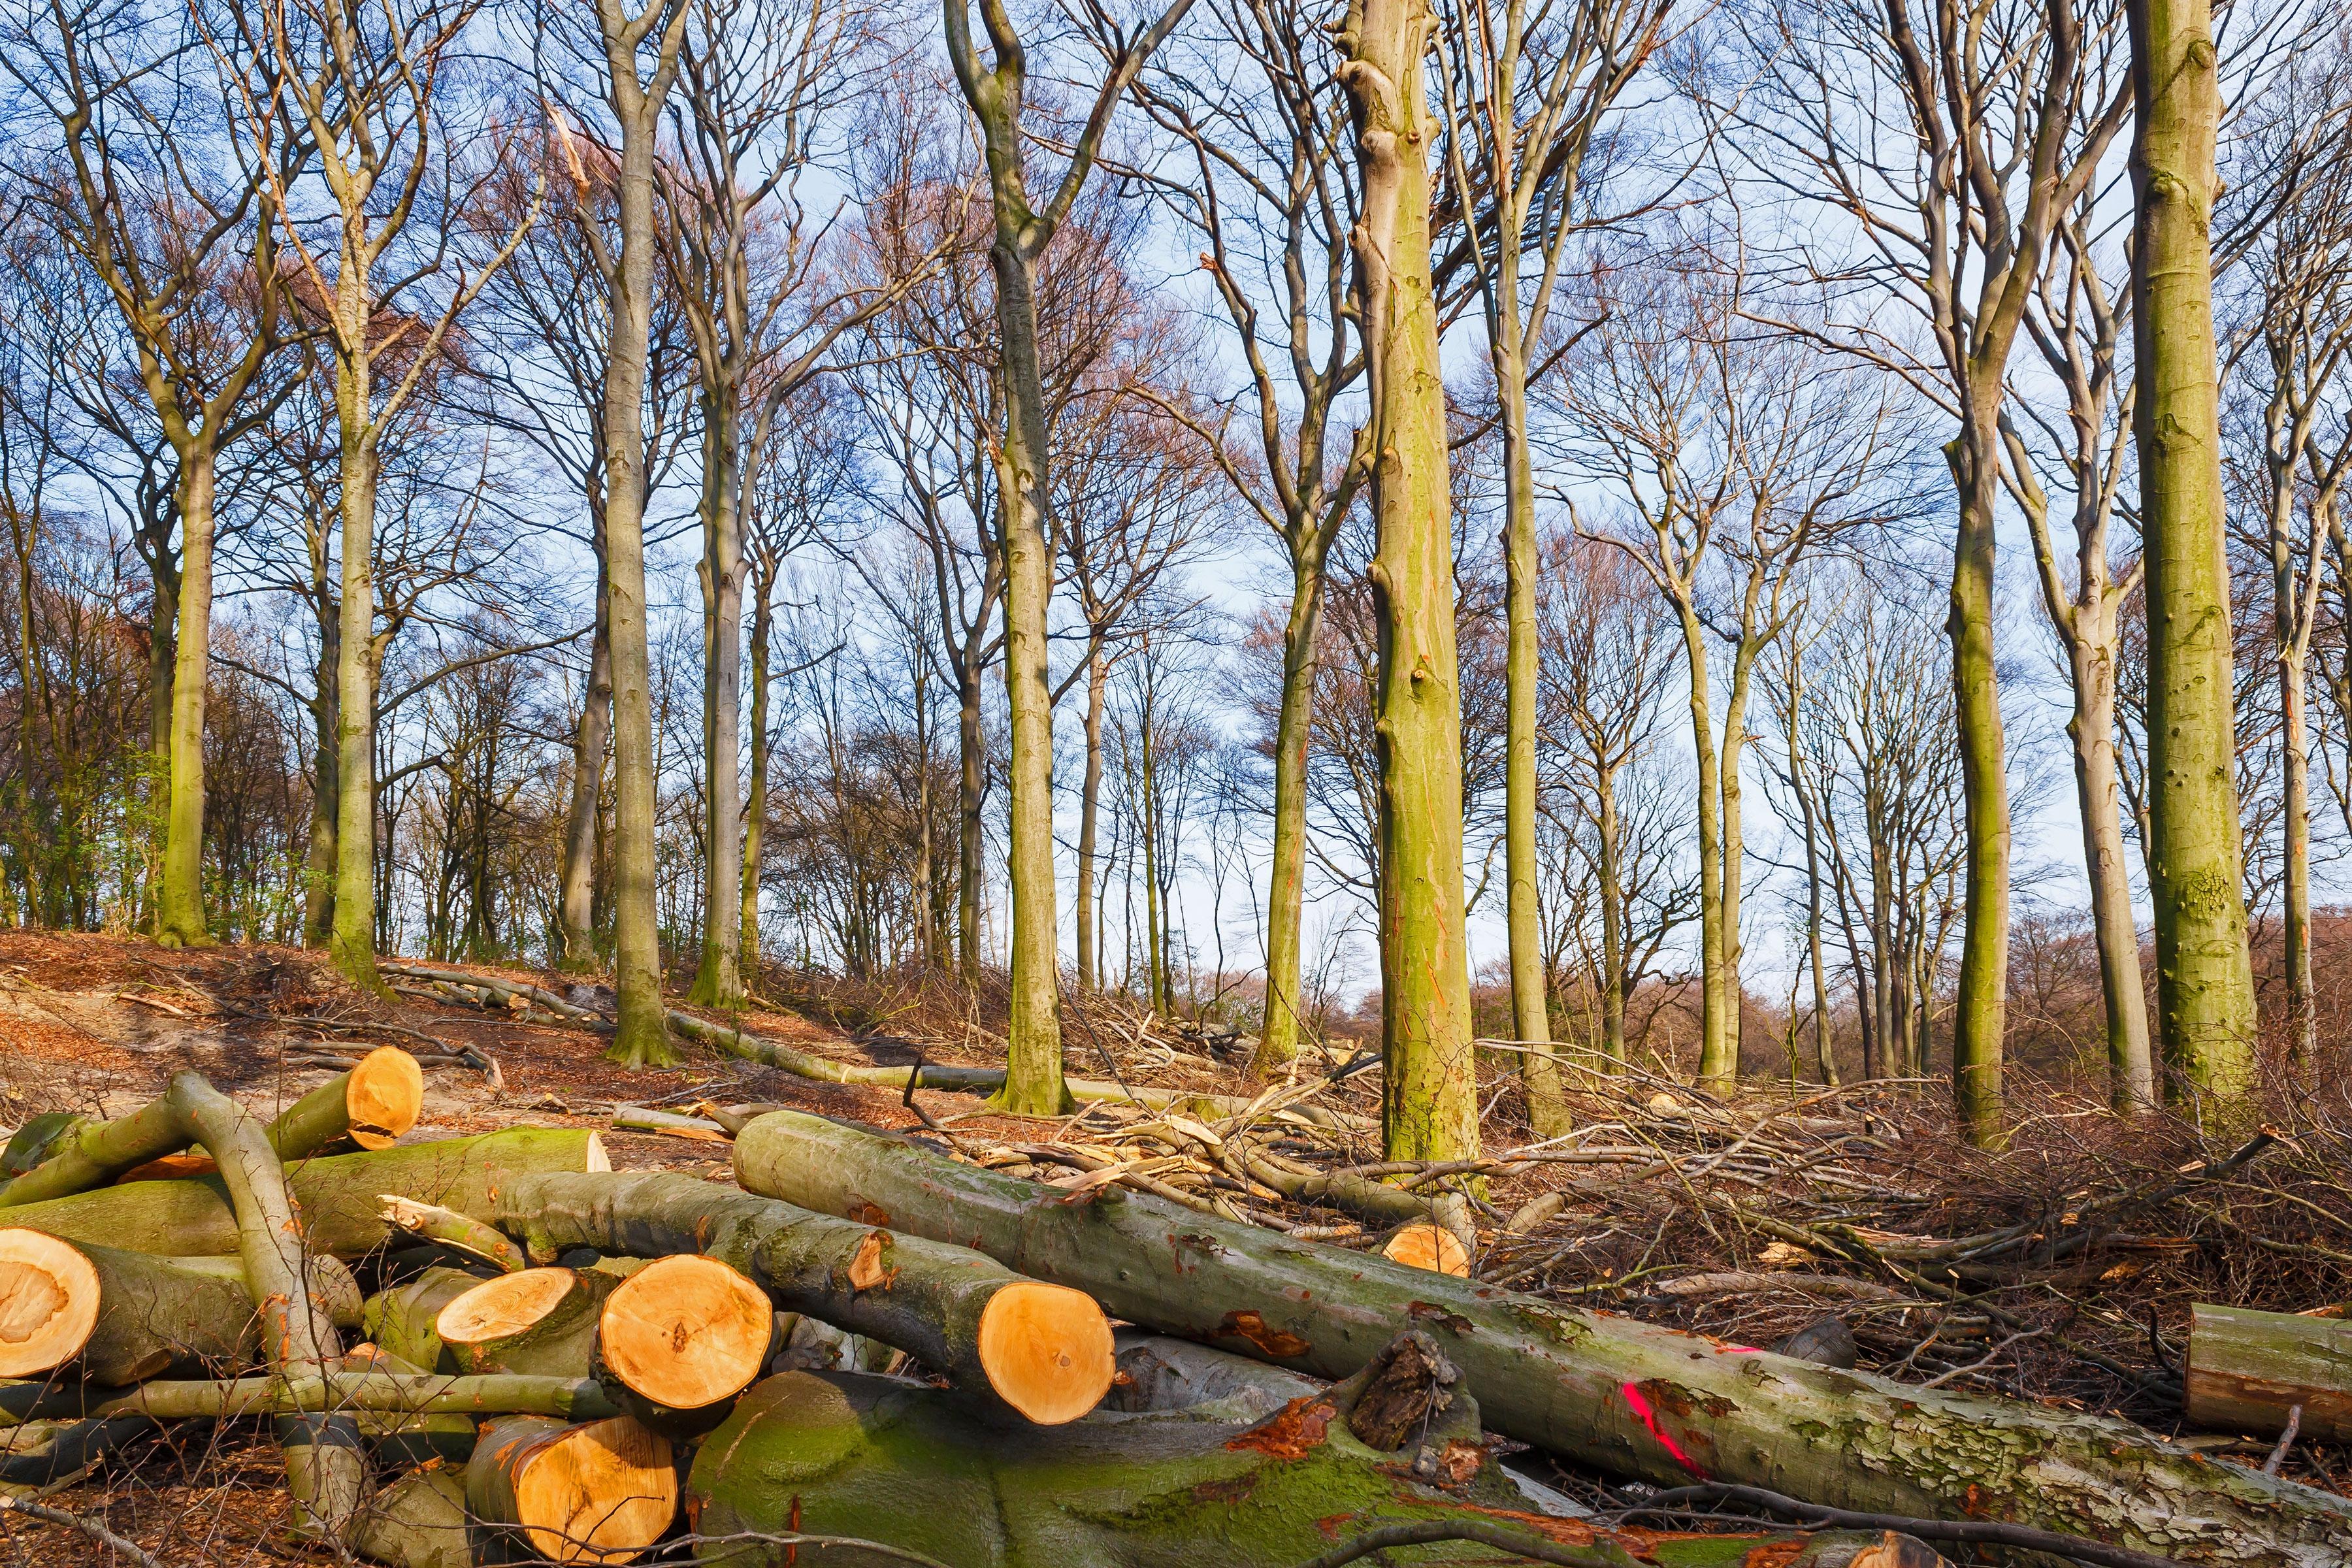 Hiesfelder Naturwaldzelle am Nachmittag nach der Tat